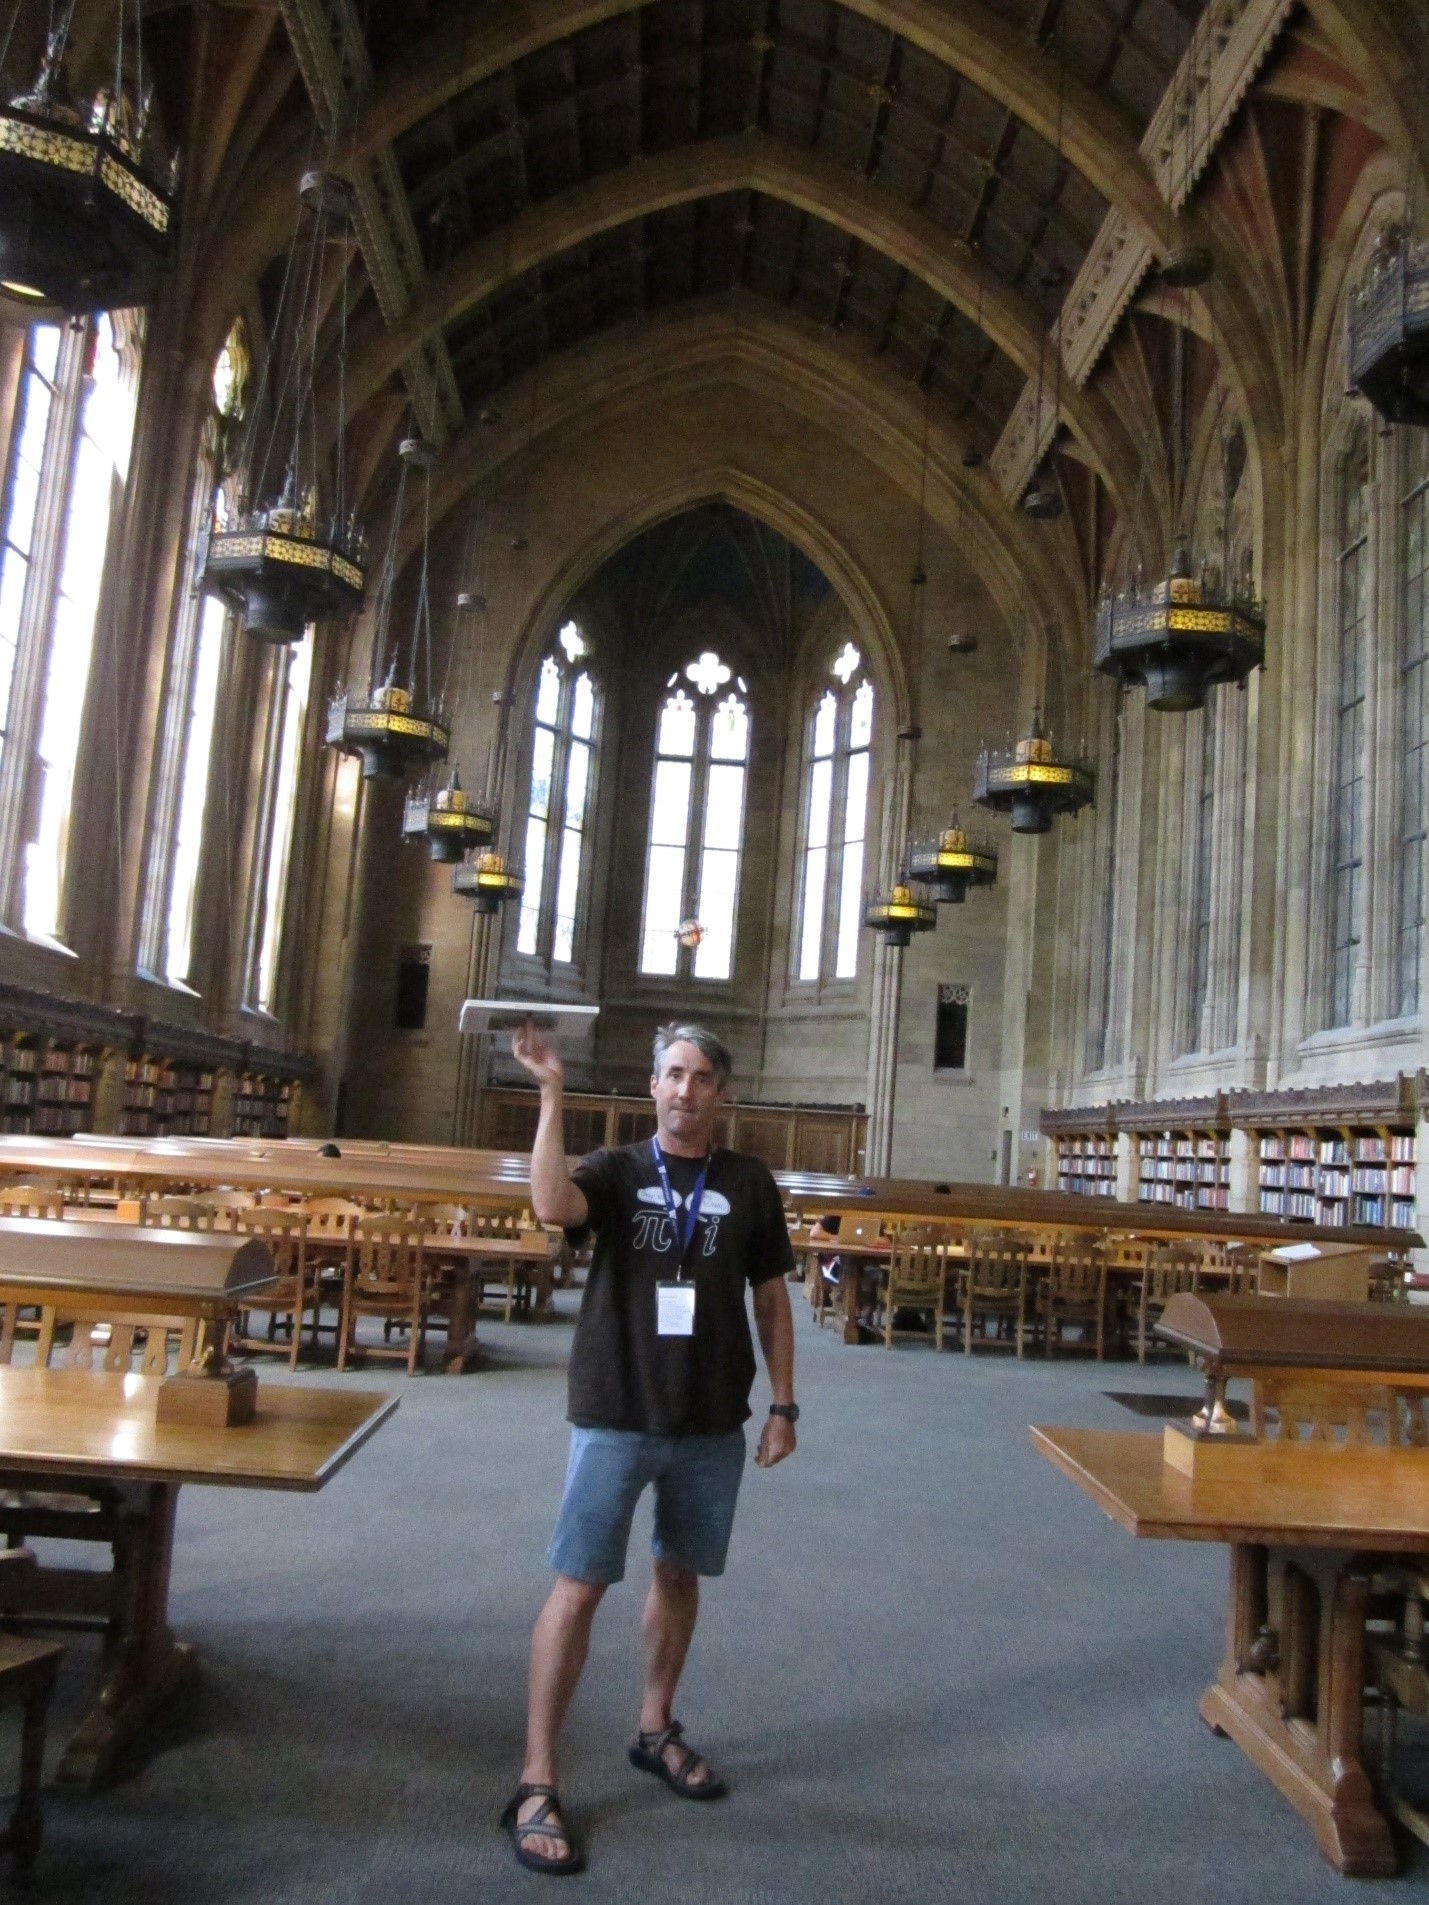 University of Washington library